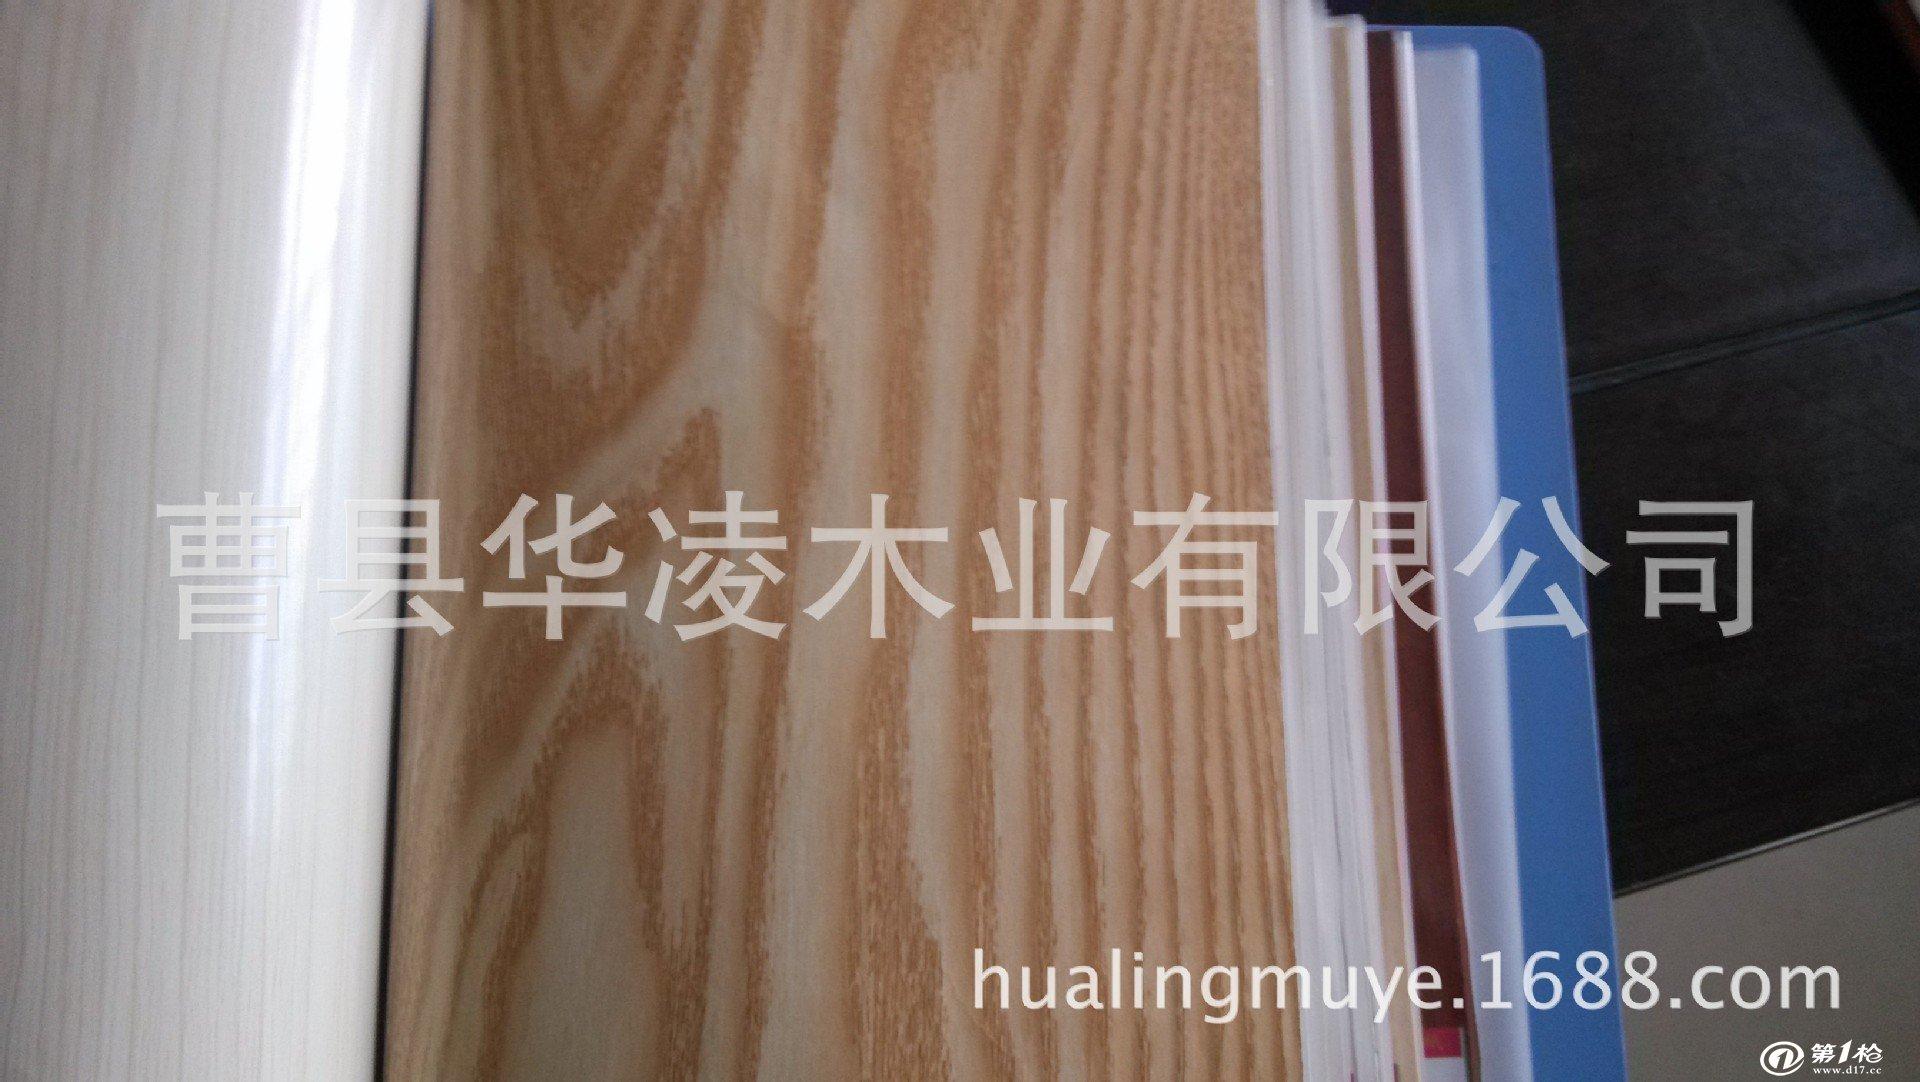 细木工板的厂家之一;工厂起步是从一穷二白的家庭小